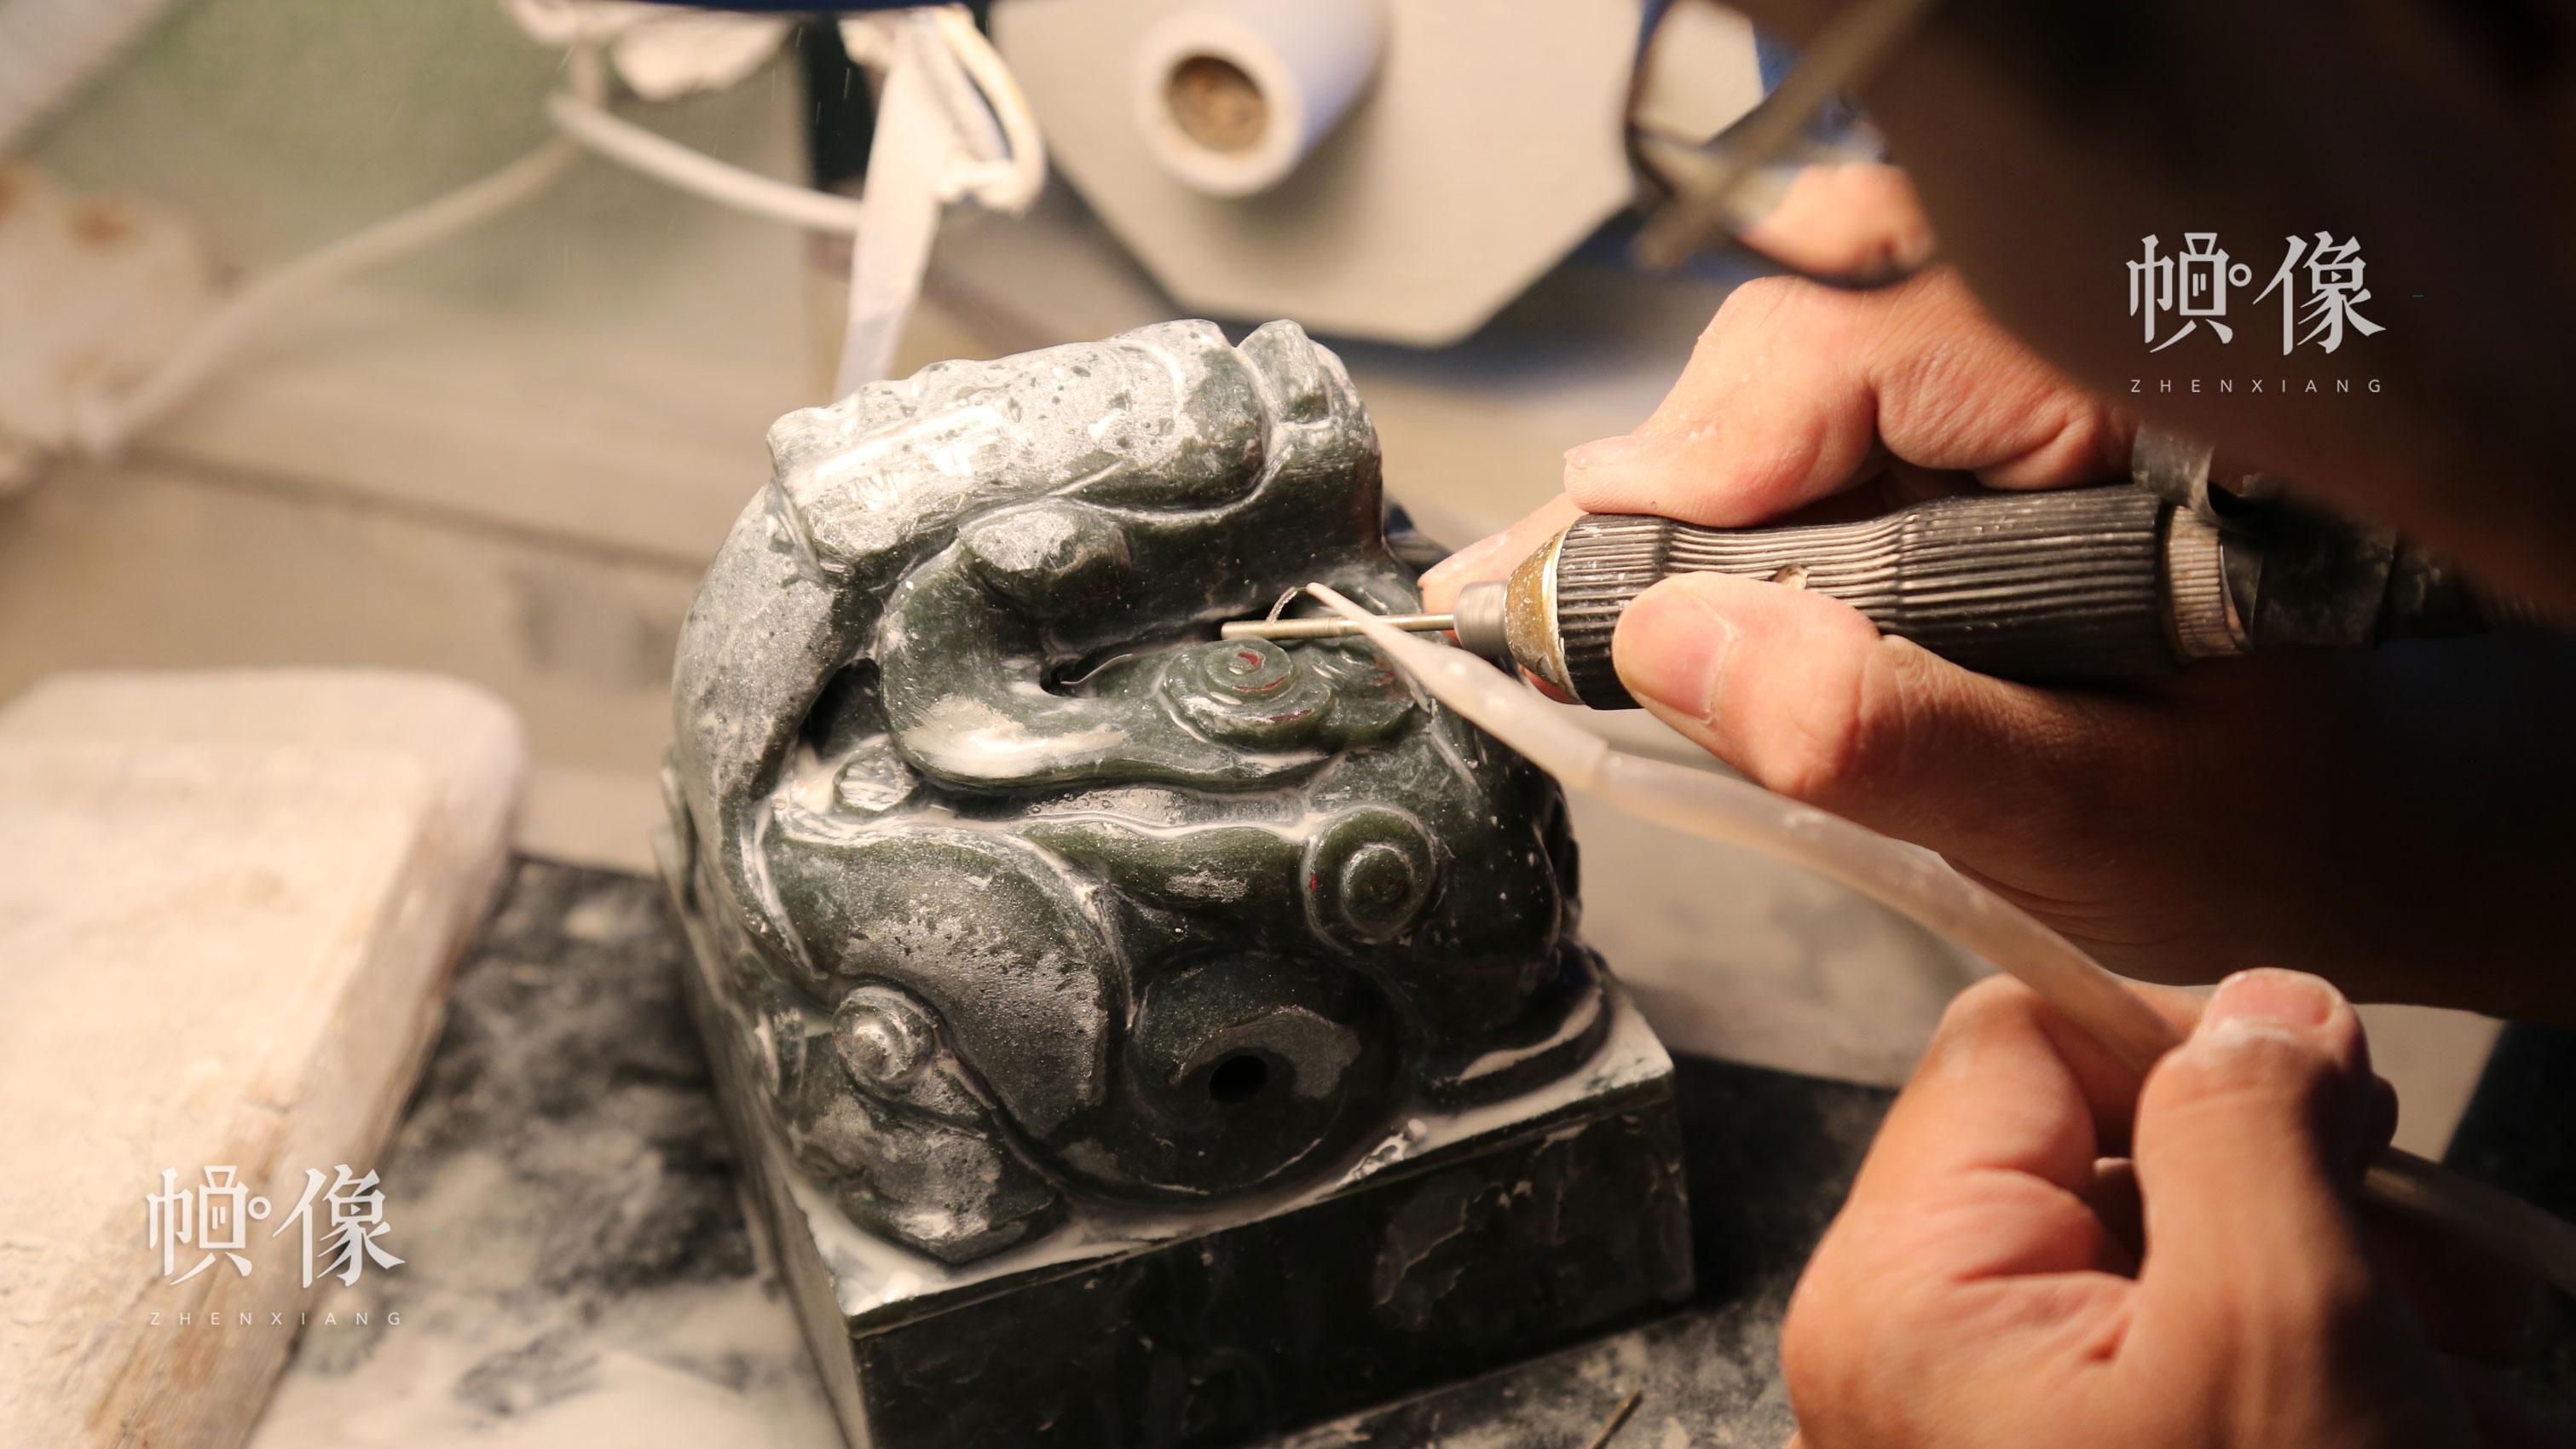 2017年9月5日,北京工美聚艺文化创意园区,玉雕工作者在雕琢玉器。中国网记者 赵超 摄